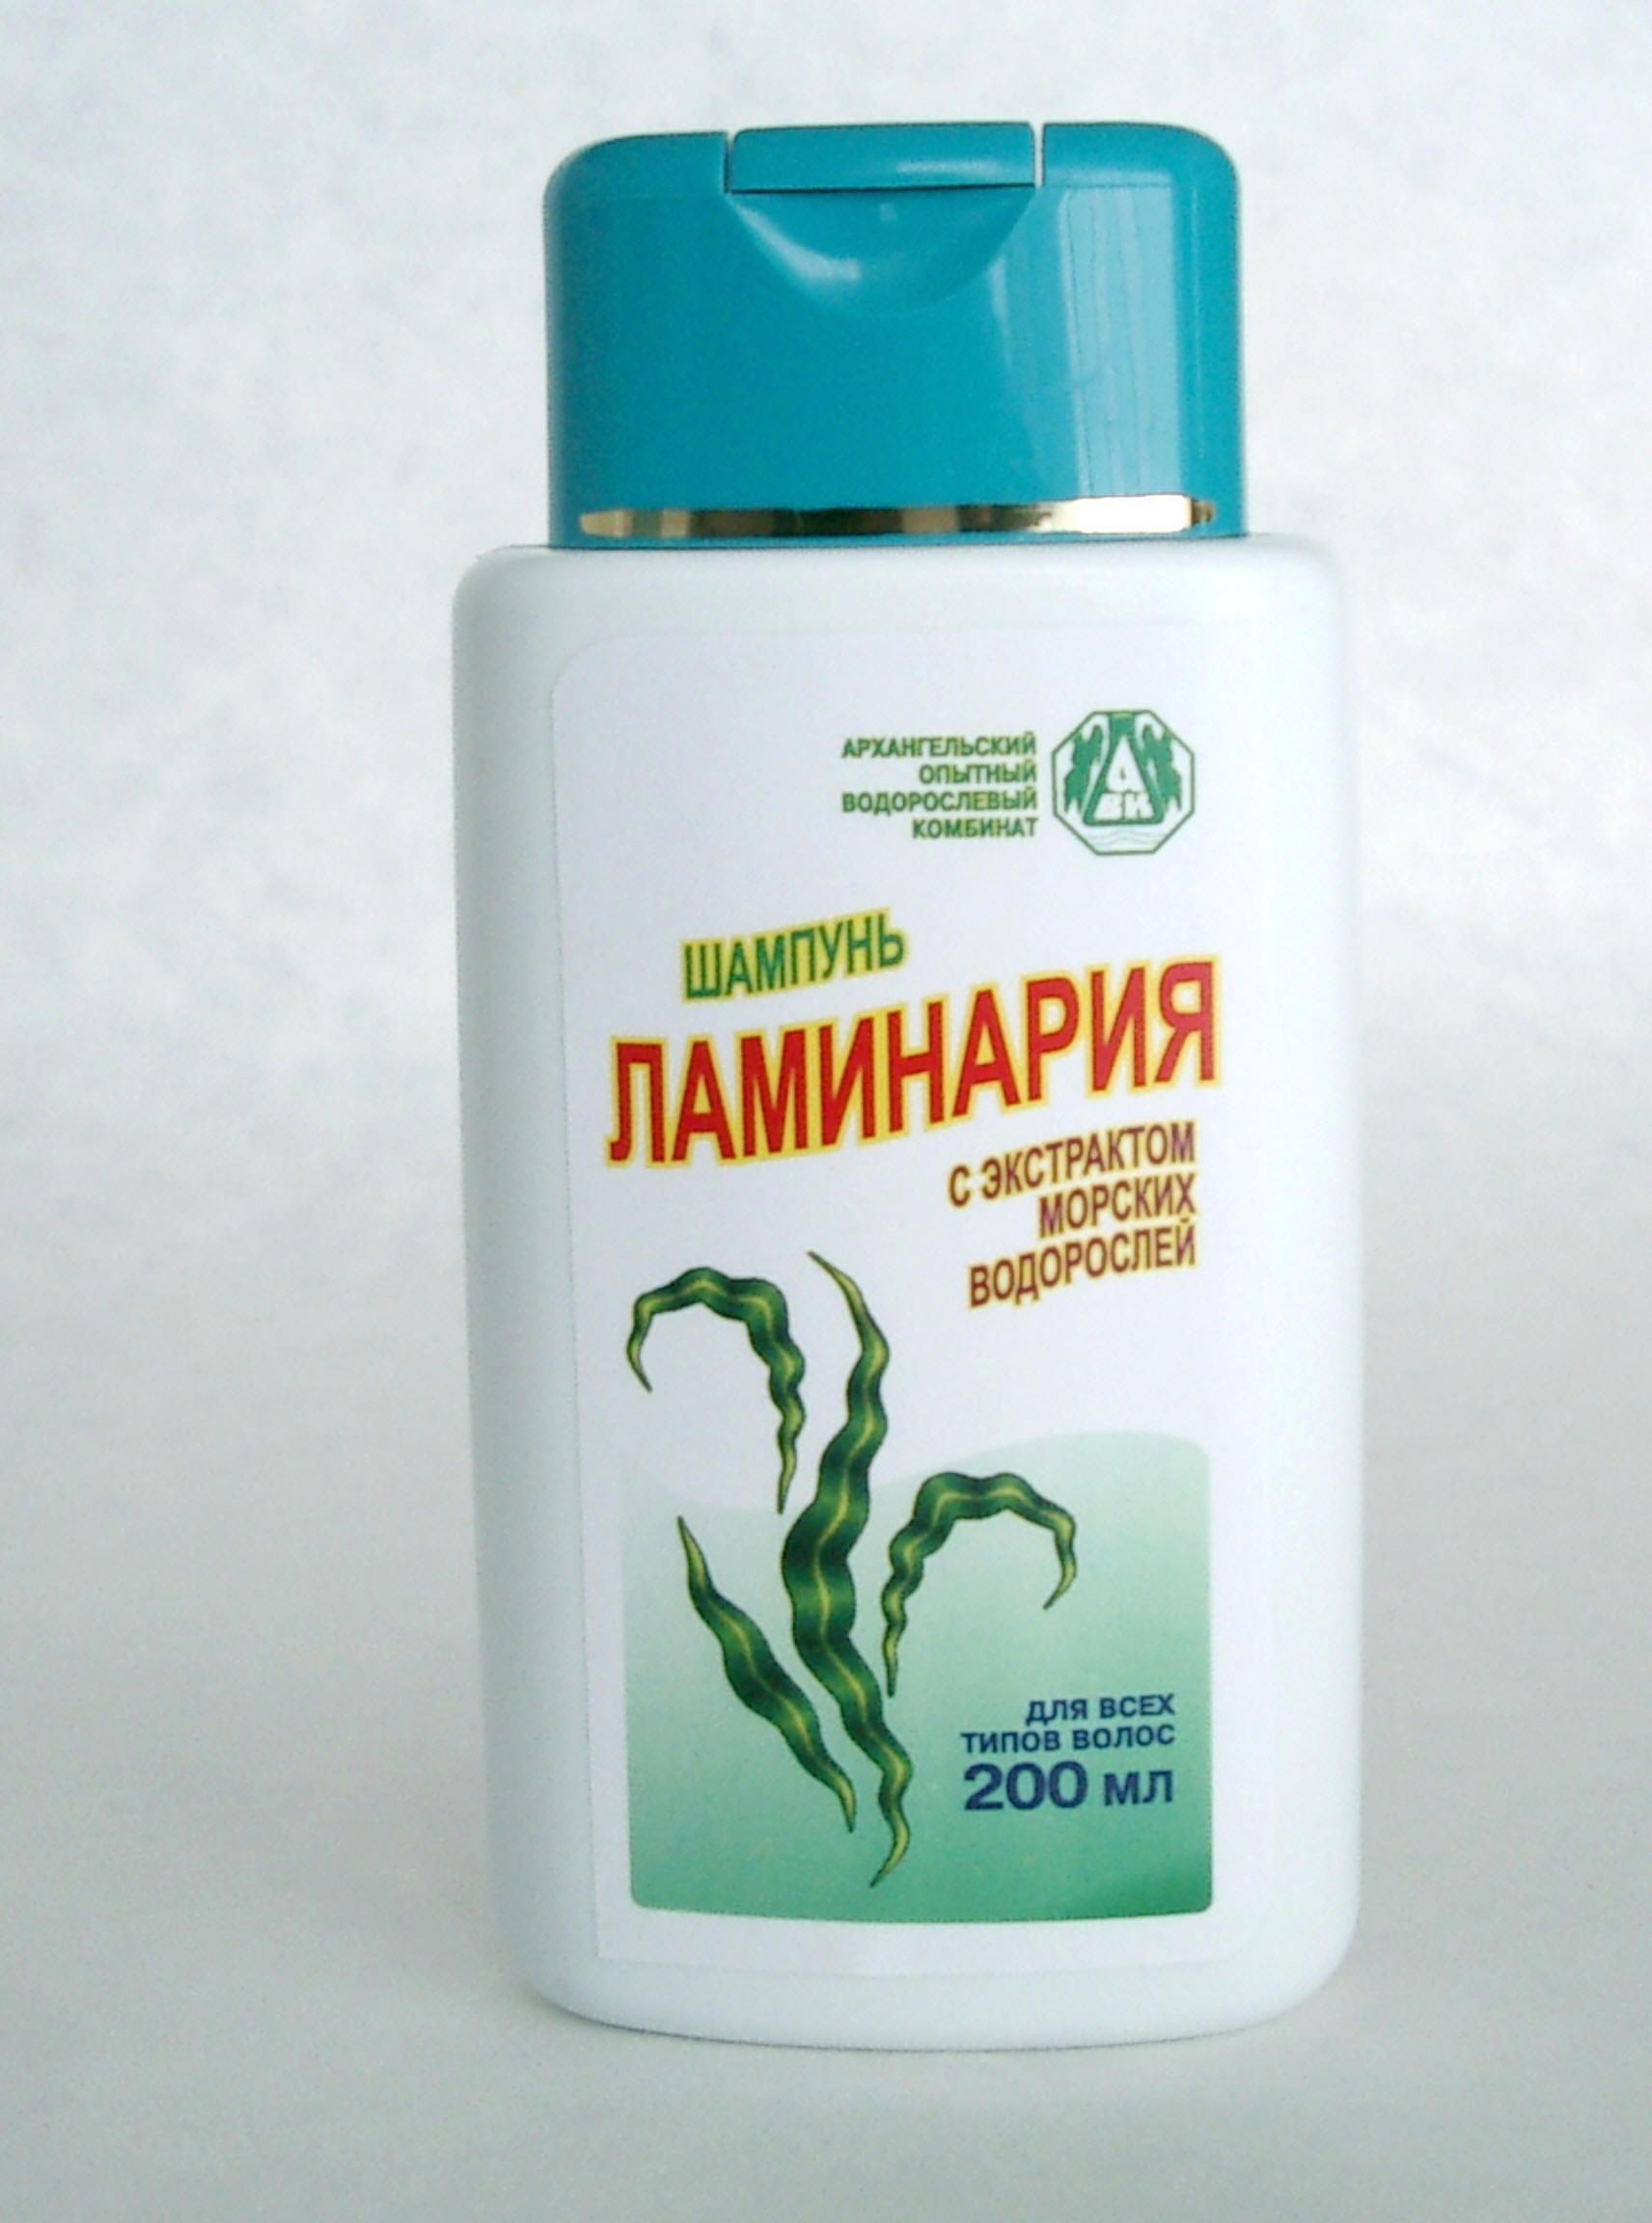 аренду отапливаемое цистозира водоросль как принимать сухой порошок покупайте чересчур дешевые